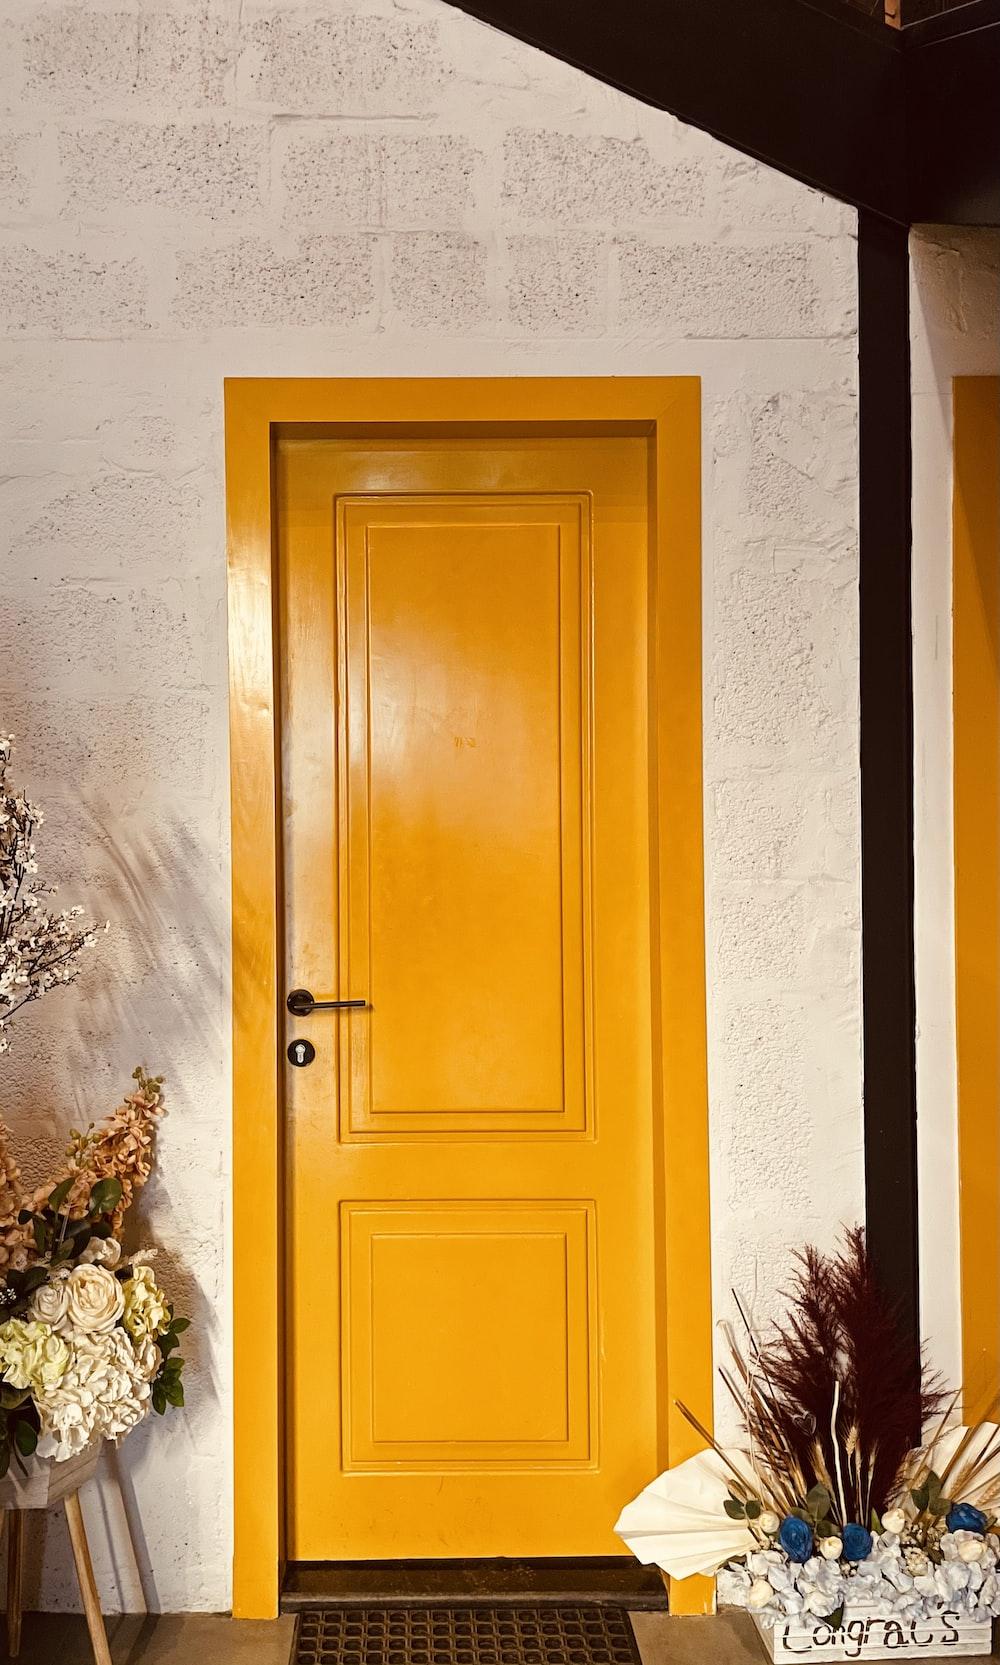 brown wooden door beside green plant